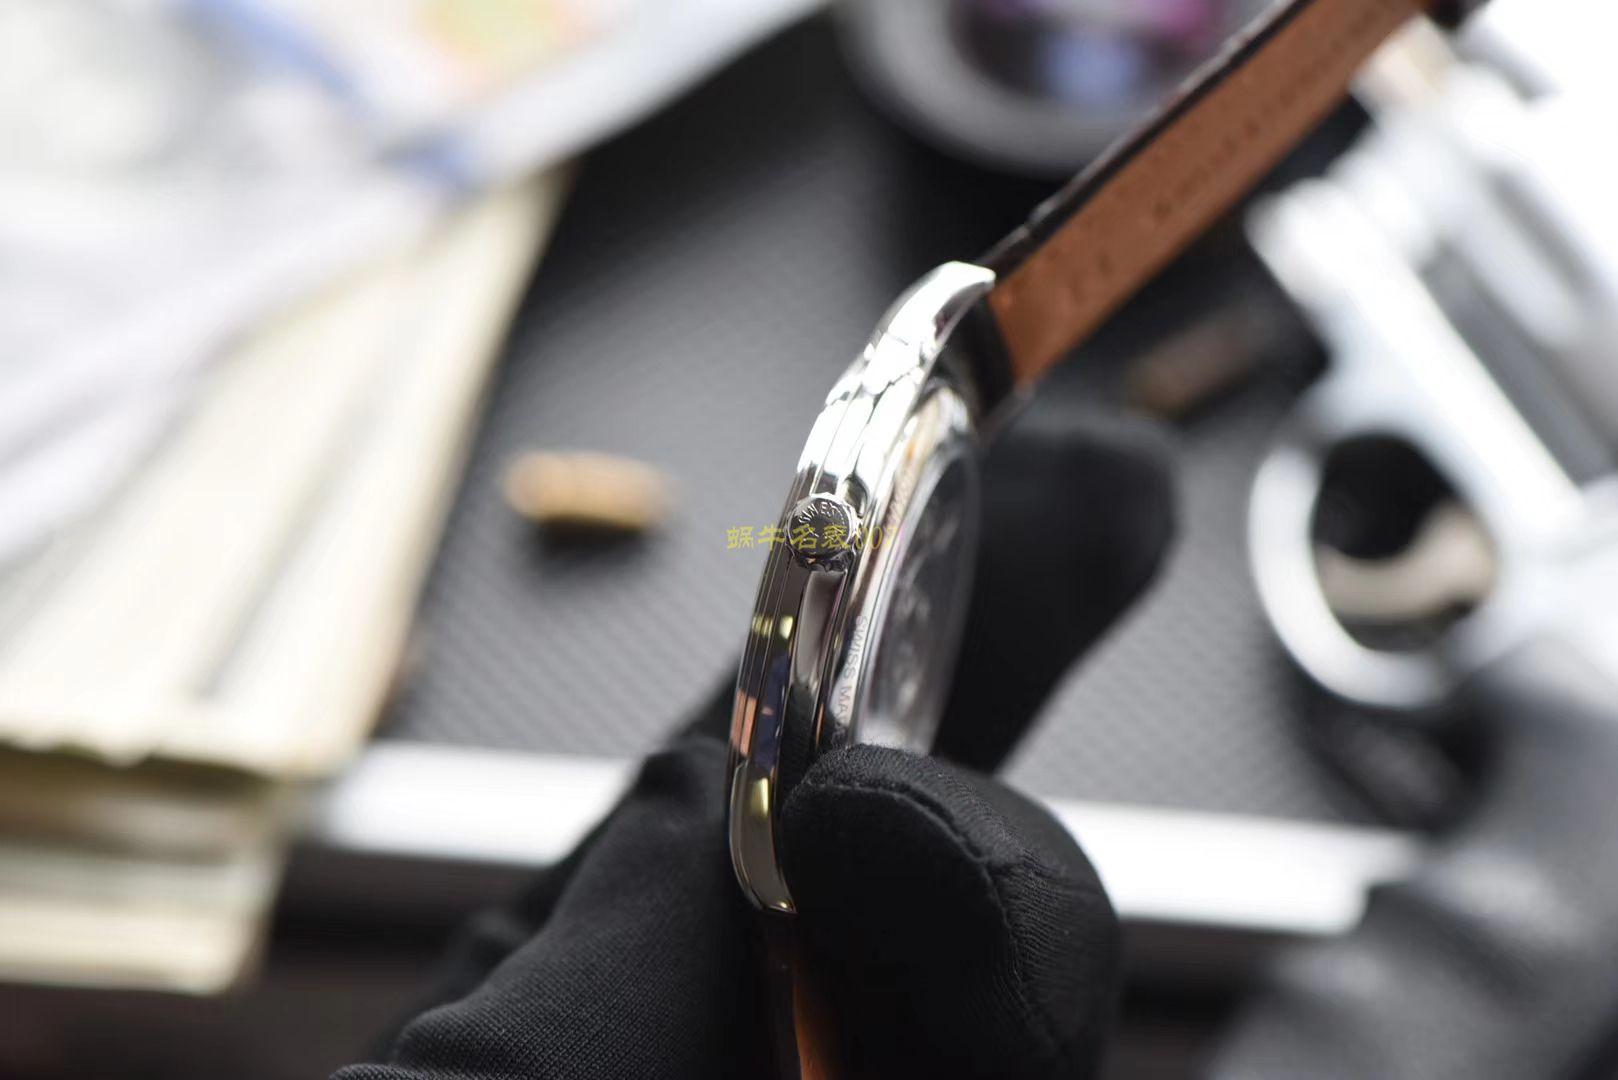 浪琴优雅军旗系列 L4.874.4.12.6,L4.874.4.96.6等男士机械腕表【浪琴军旗系列精品❗ 超薄1:1顶级高仿版本~】 / L109